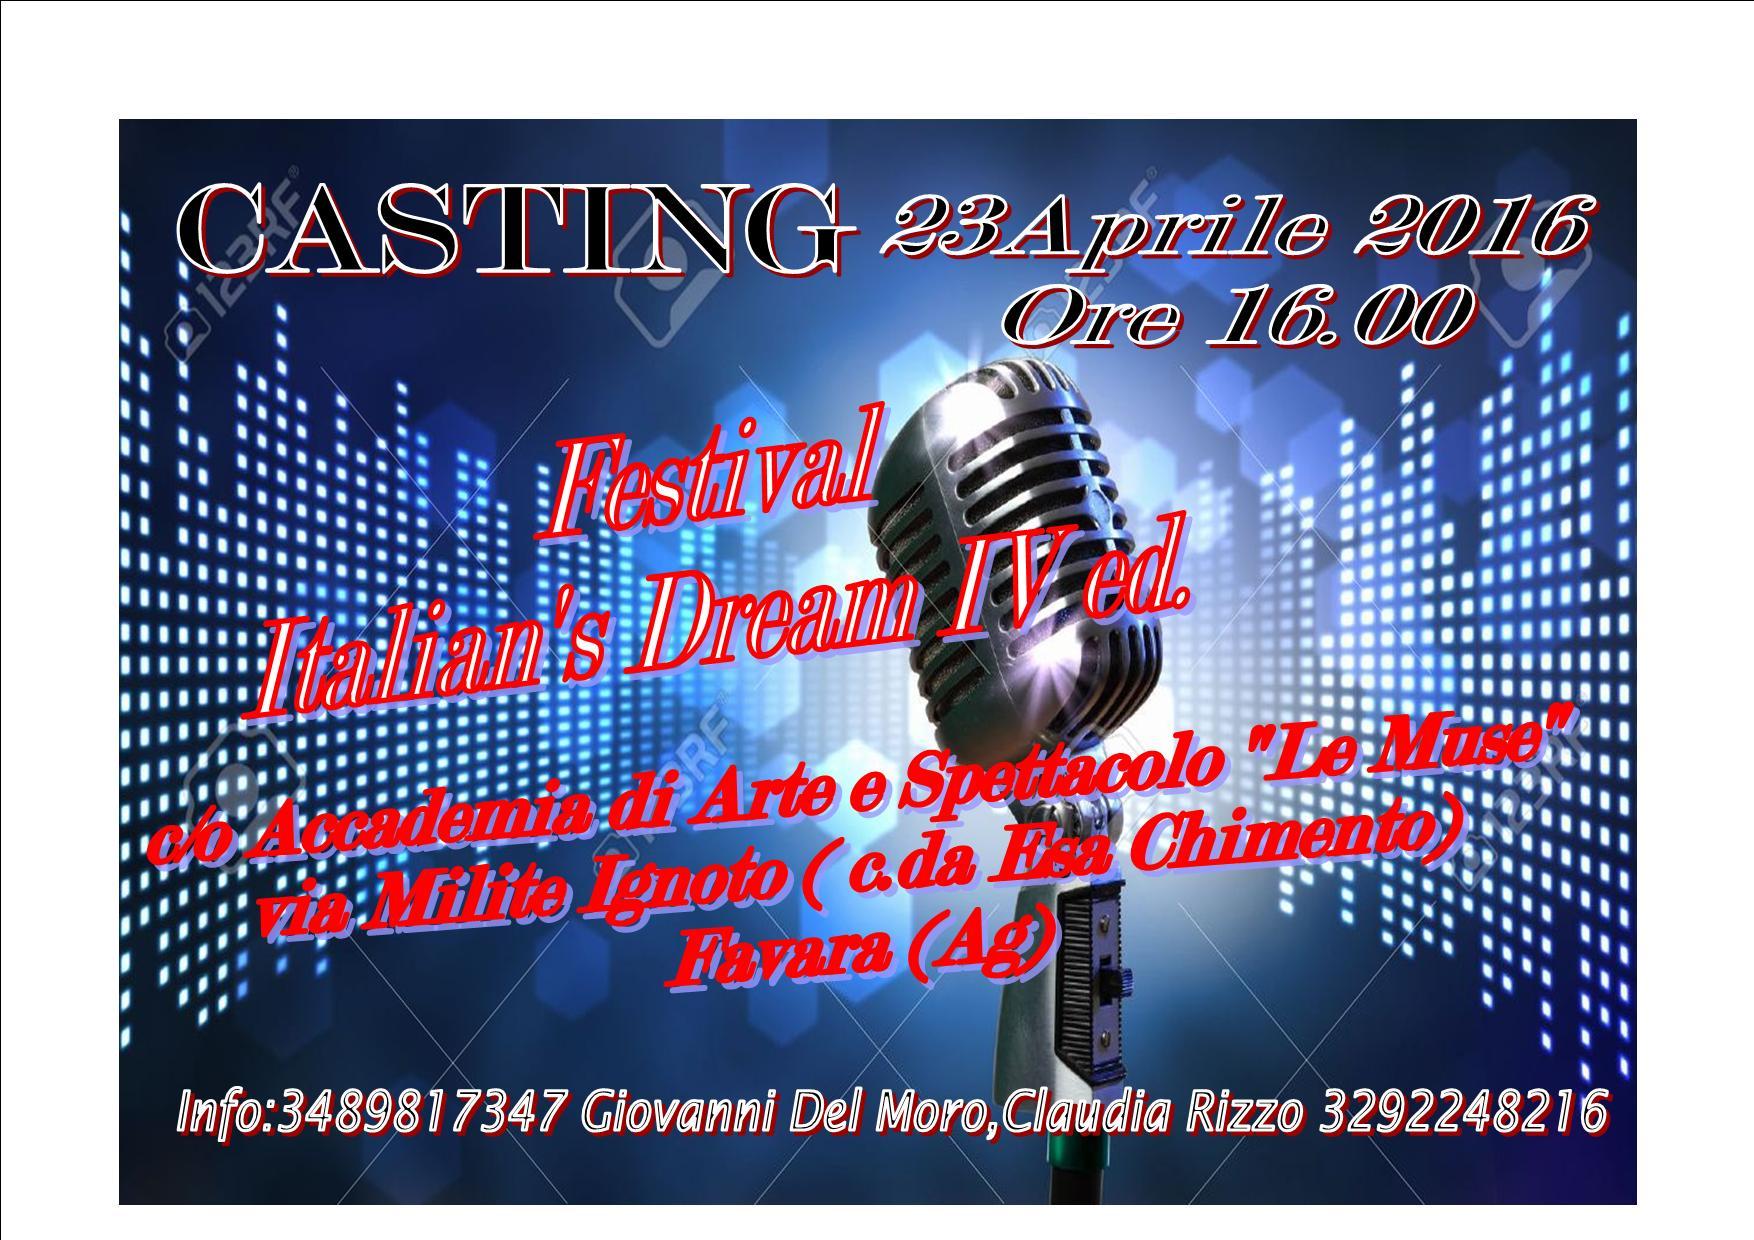 """c/o Accademia di Arte e Spettacolo """"Le Muse"""" via Milite Ignoto ( c.da Esa Chimento) Favara (Ag) Info: Giovanni del Moro 348981734 Claudia Rizzo 3292248216"""